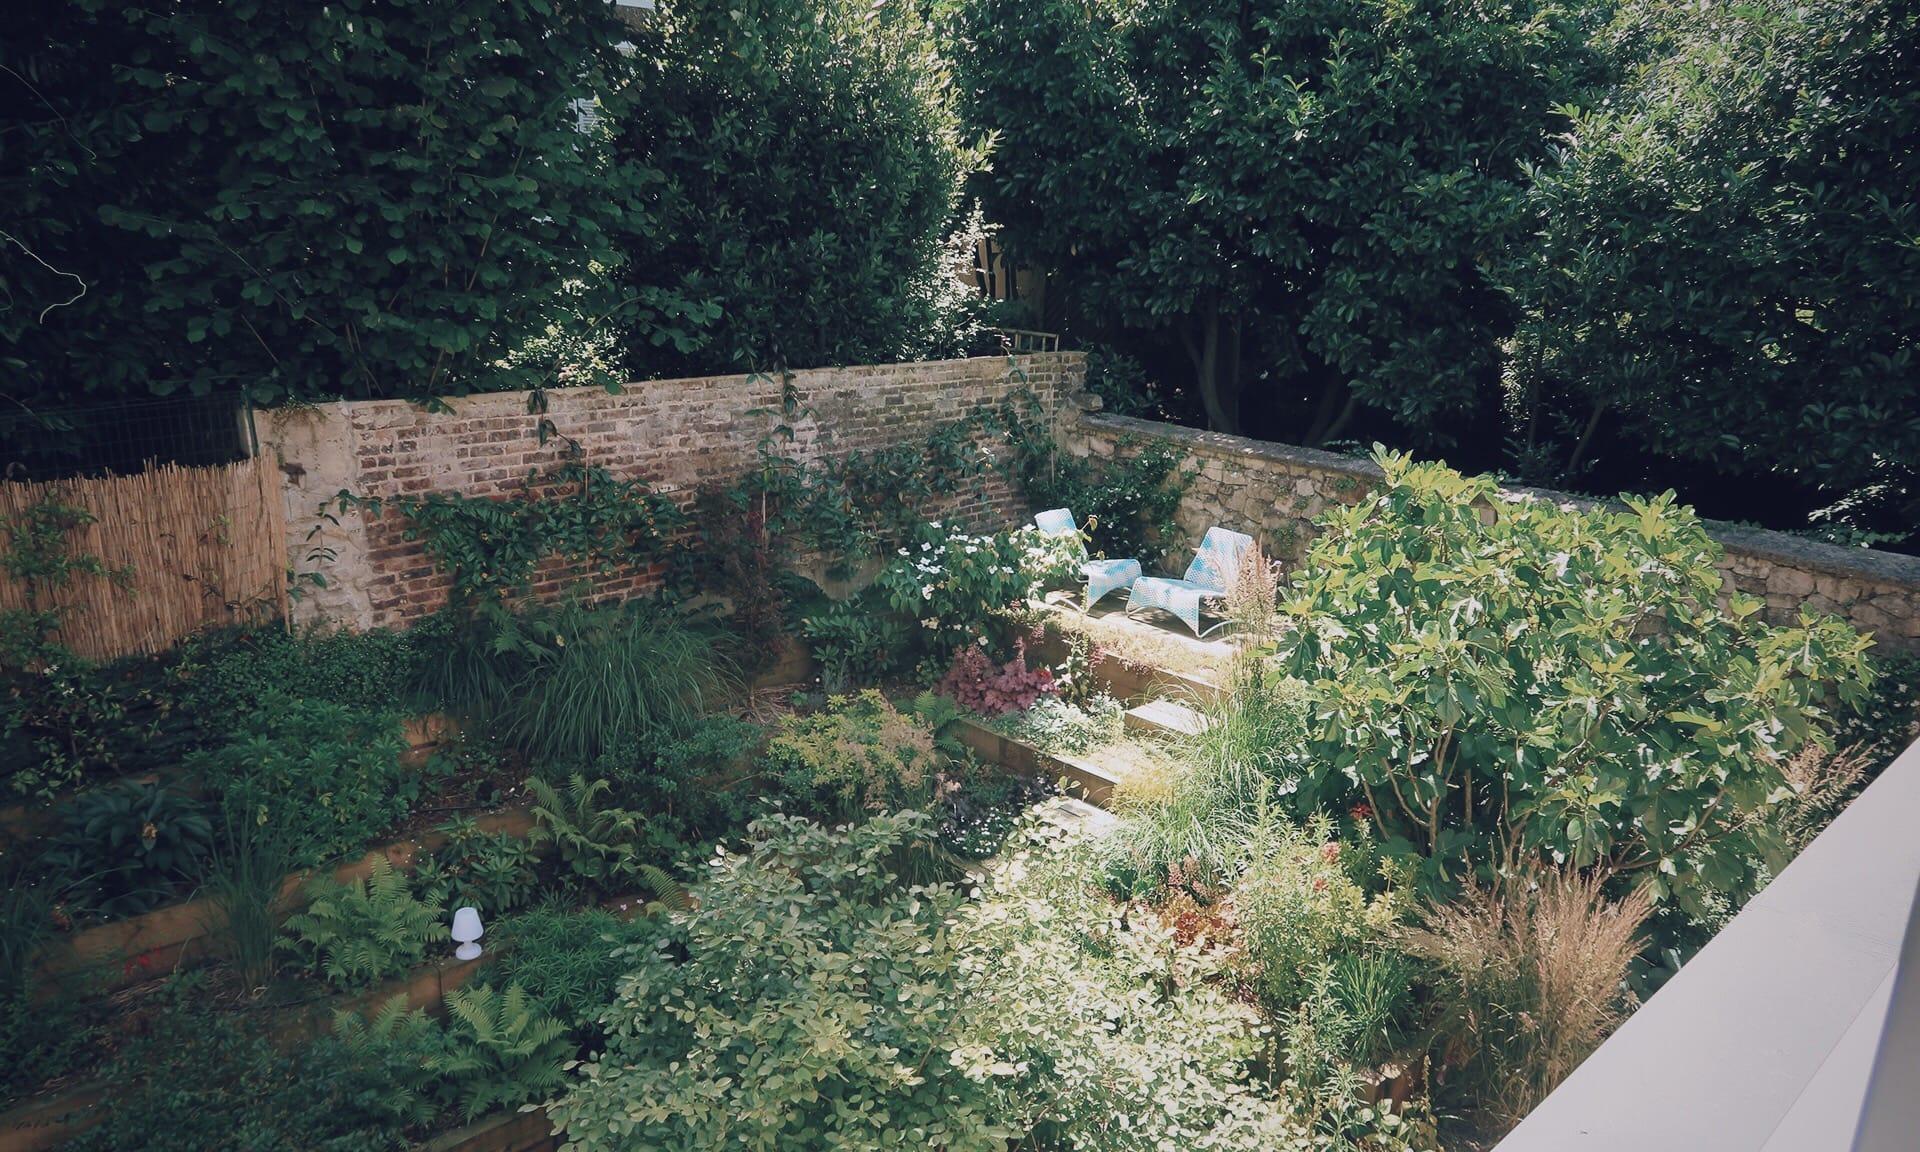 02_Nordscape_jardin-gradine-pente-vivaces-1